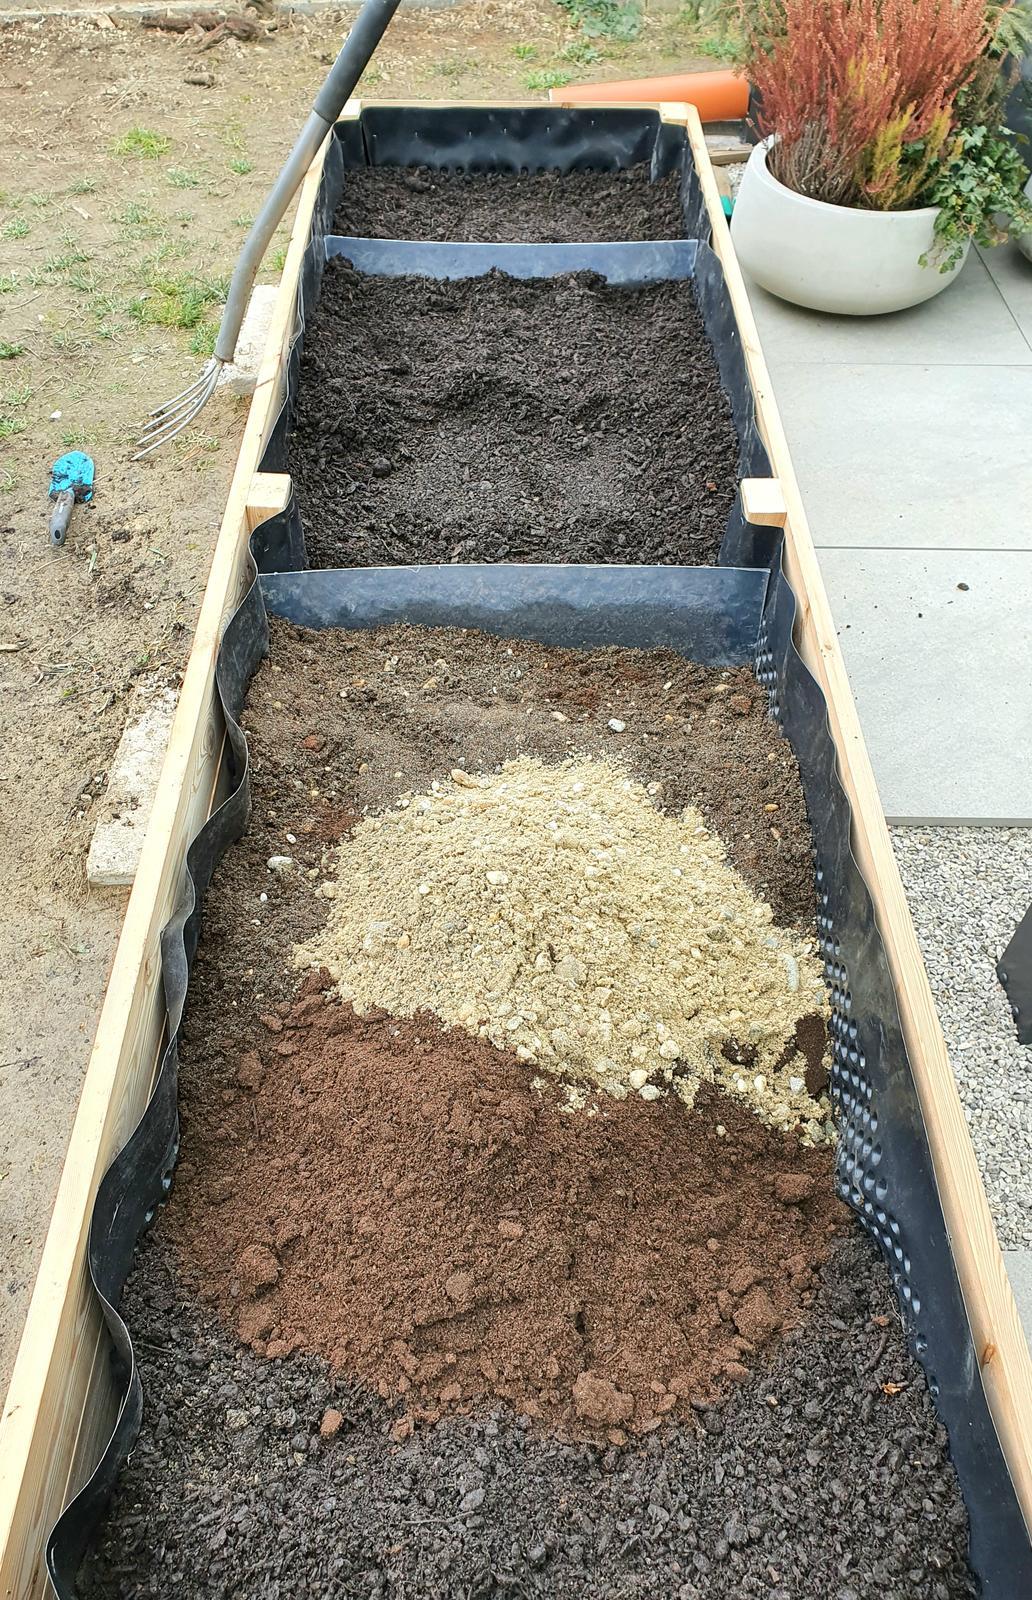 T-éčko po roku 🏡 - Rozne bylinky, rozne naroky 😁👍🌱🍃☘🍀 oddelenie casti pre agresivnu matu a oddiel pre suchozemske bylinky kde je zem zmiesana s perlitom, pieskom a strkom